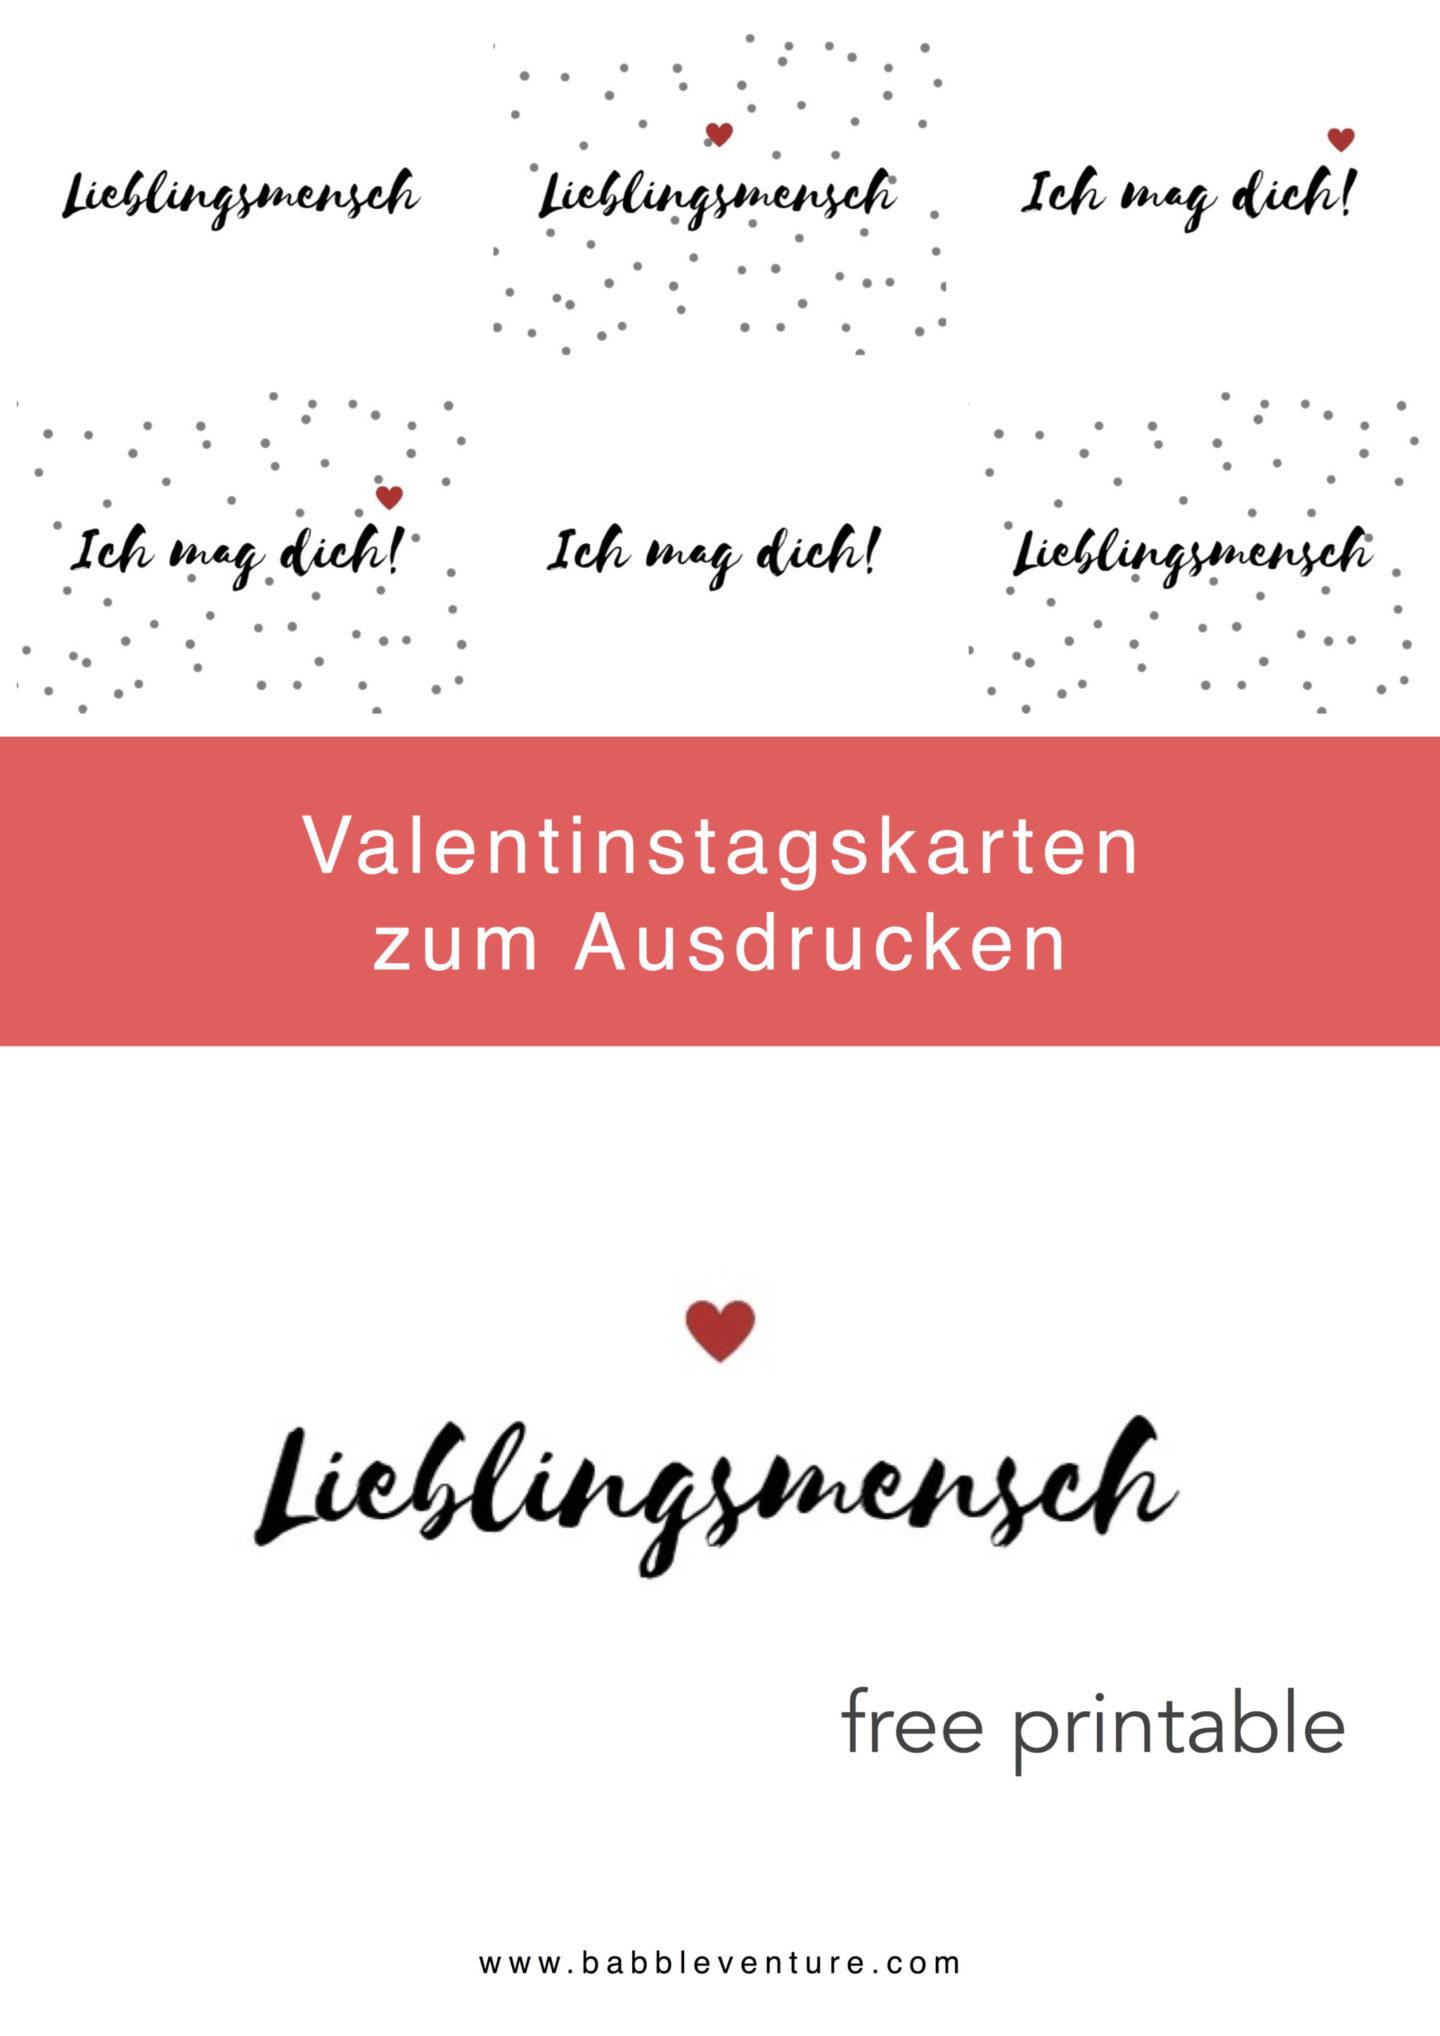 """Hübsche Liebesgruß-Karte zum Gratis-Download """"Lieblingsmensch"""" und """"Ich mag dich!"""" - minimaoistisches Design"""